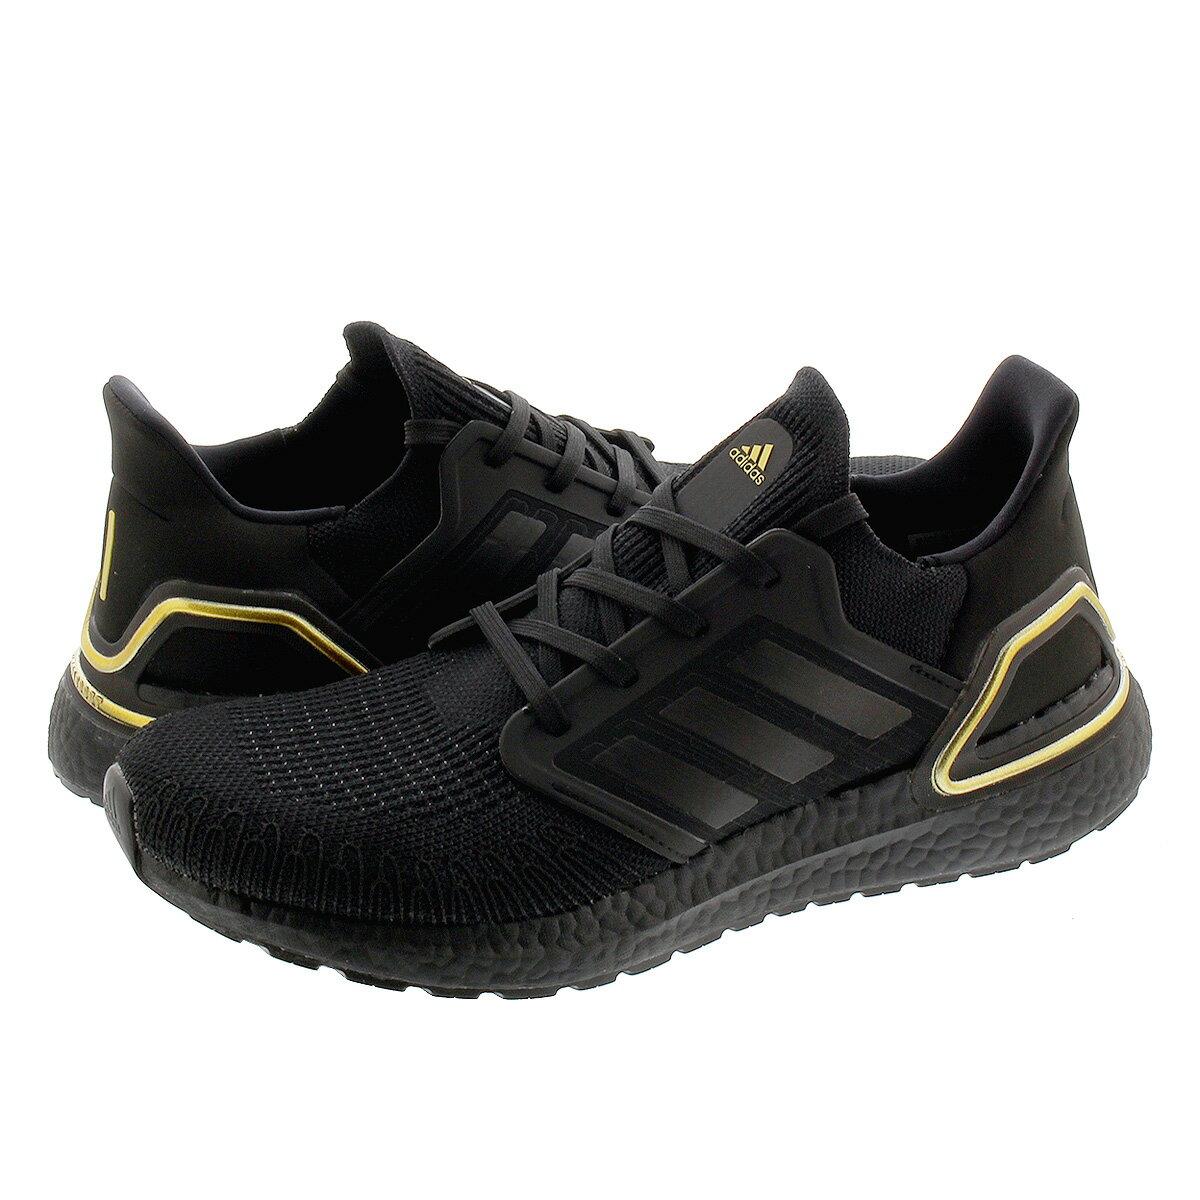 メンズ靴, スニーカー  adidas ULTRA BOOST 20 20 CORE BLACKCORE BLACKGOLD METALLIC eg0754